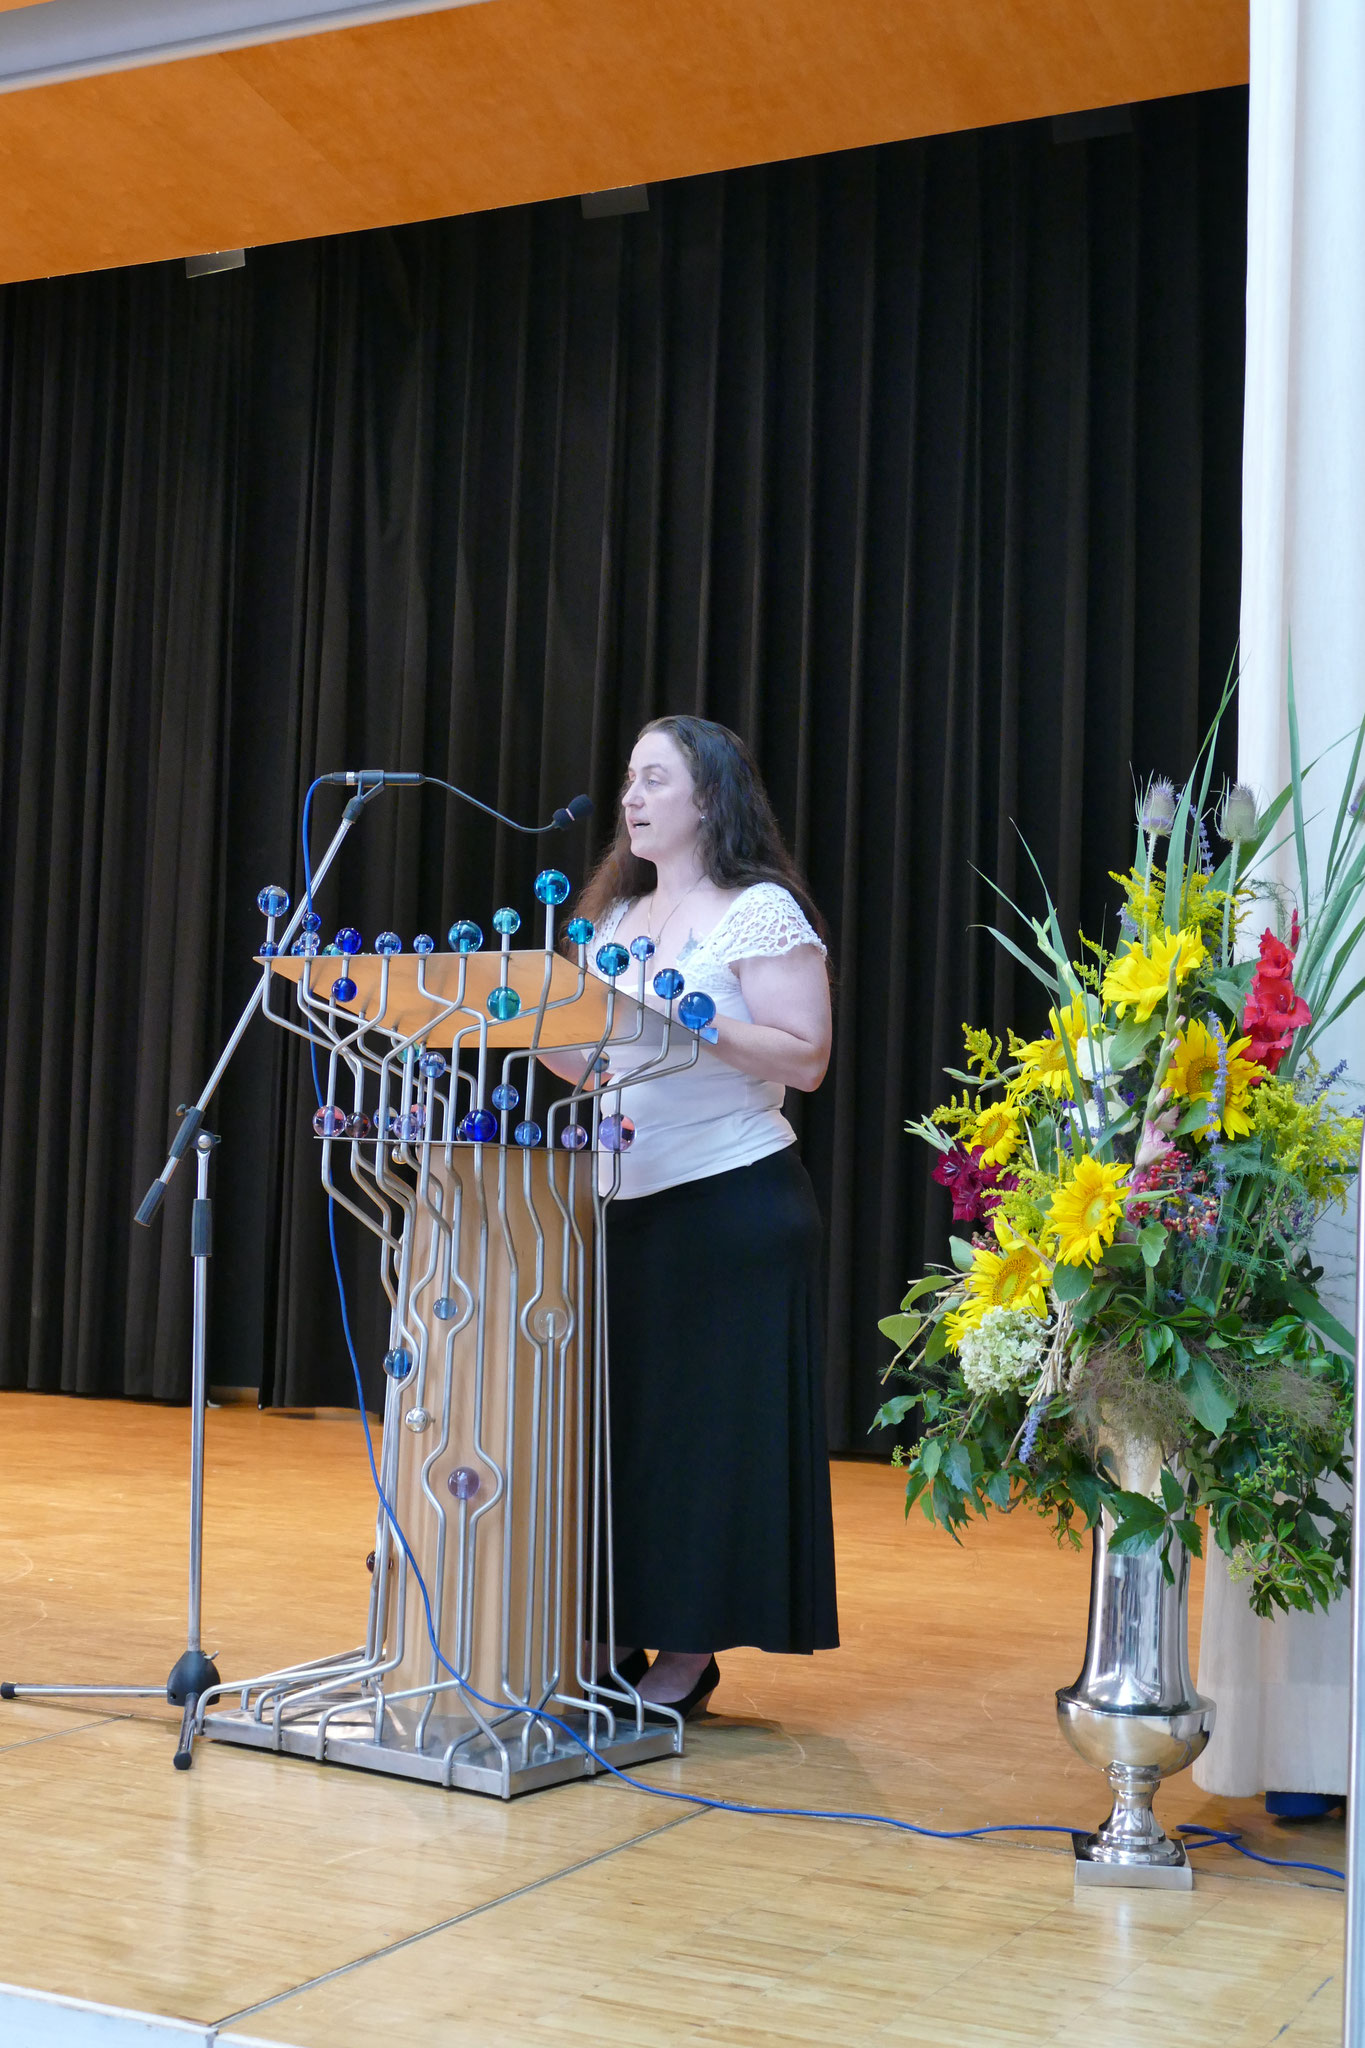 Vorsitzende des Elternbeirats: Anita Michl